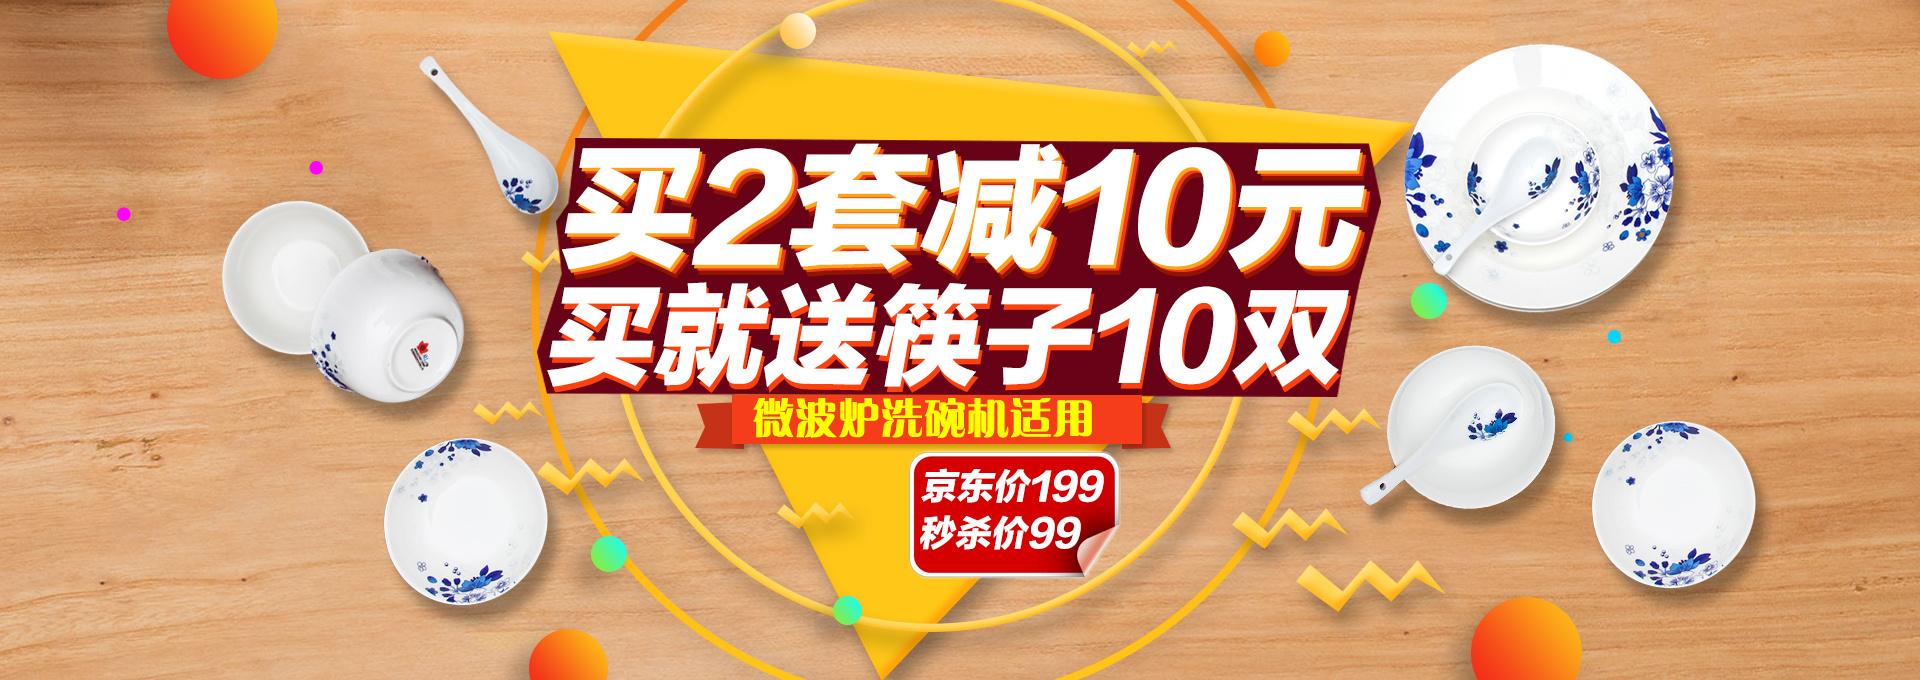 红叶陶瓷活动海报